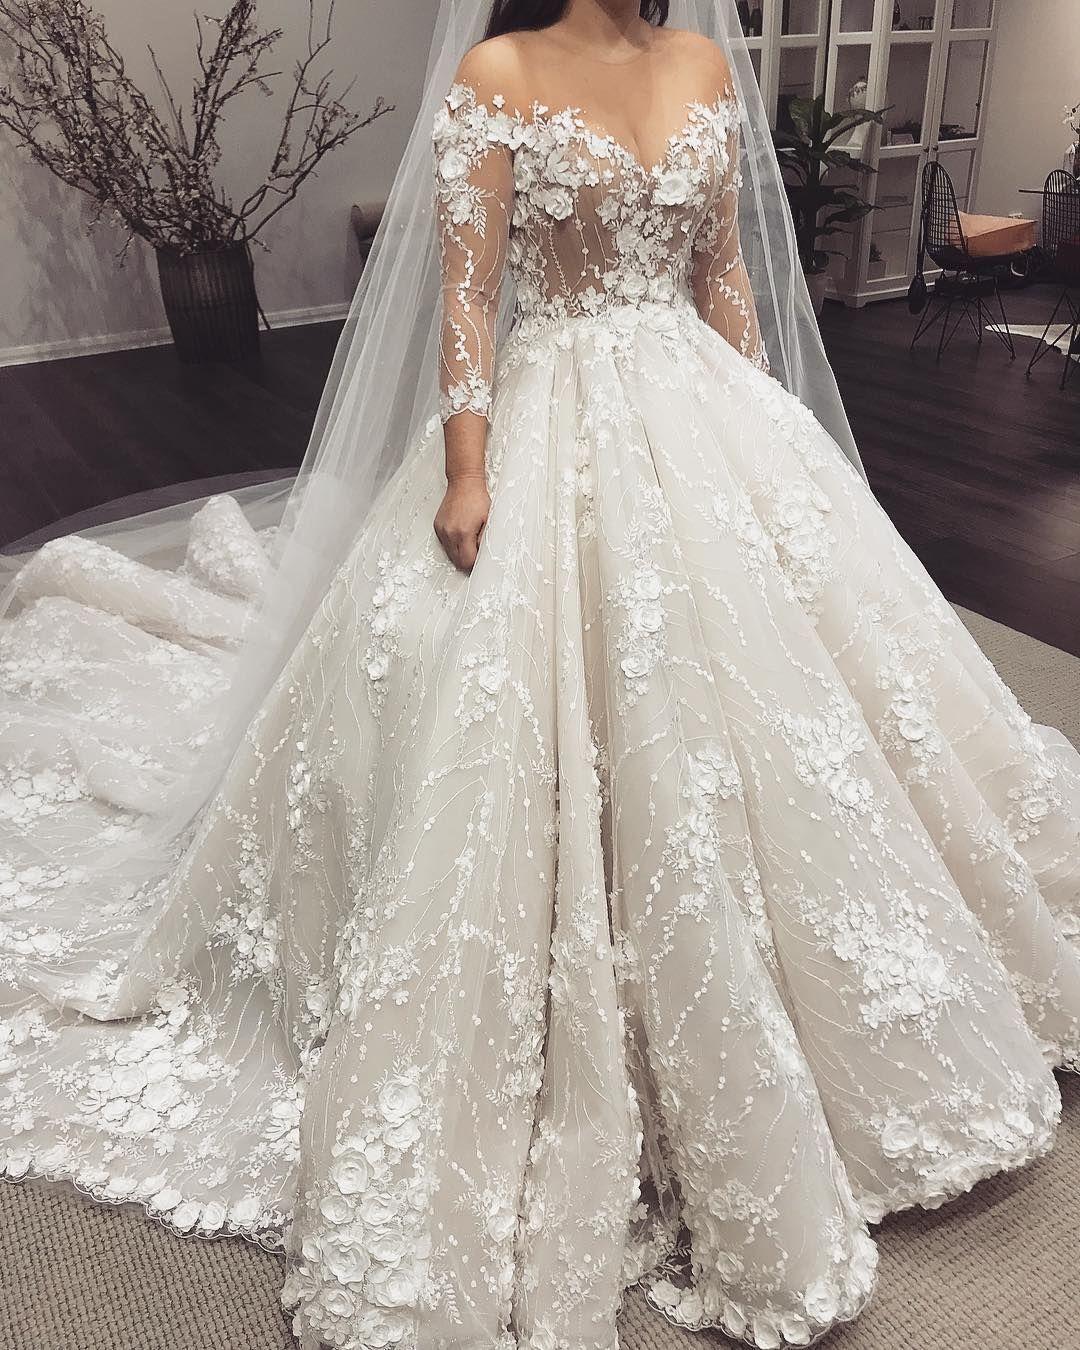 @WeddingForward // Dieses Stück zeigt definitiv eine glamouröse und verschwenderische Stimmung. ….